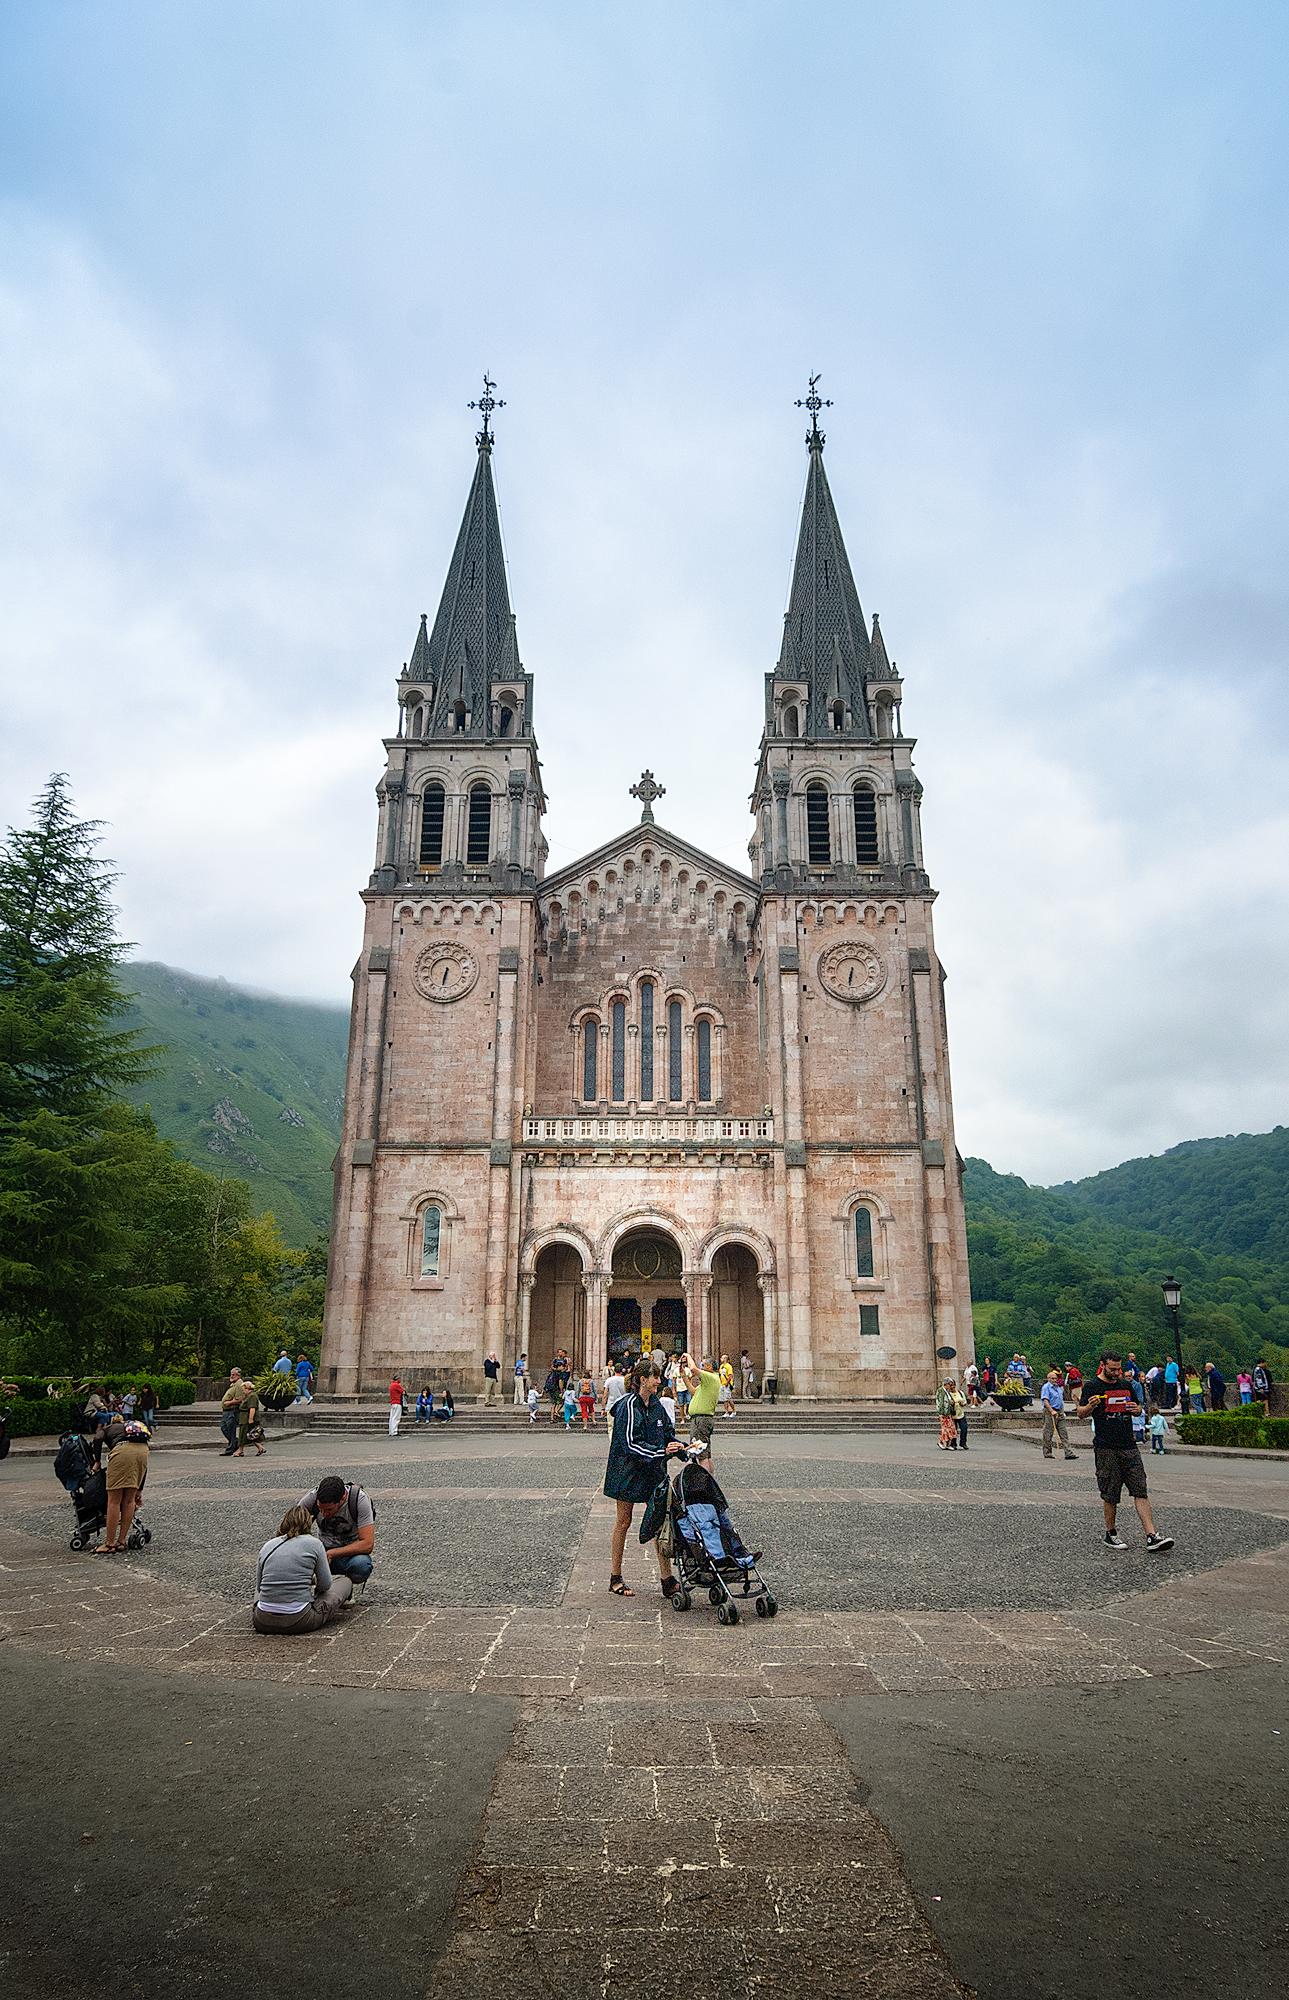 Basílica de Santa María la Real